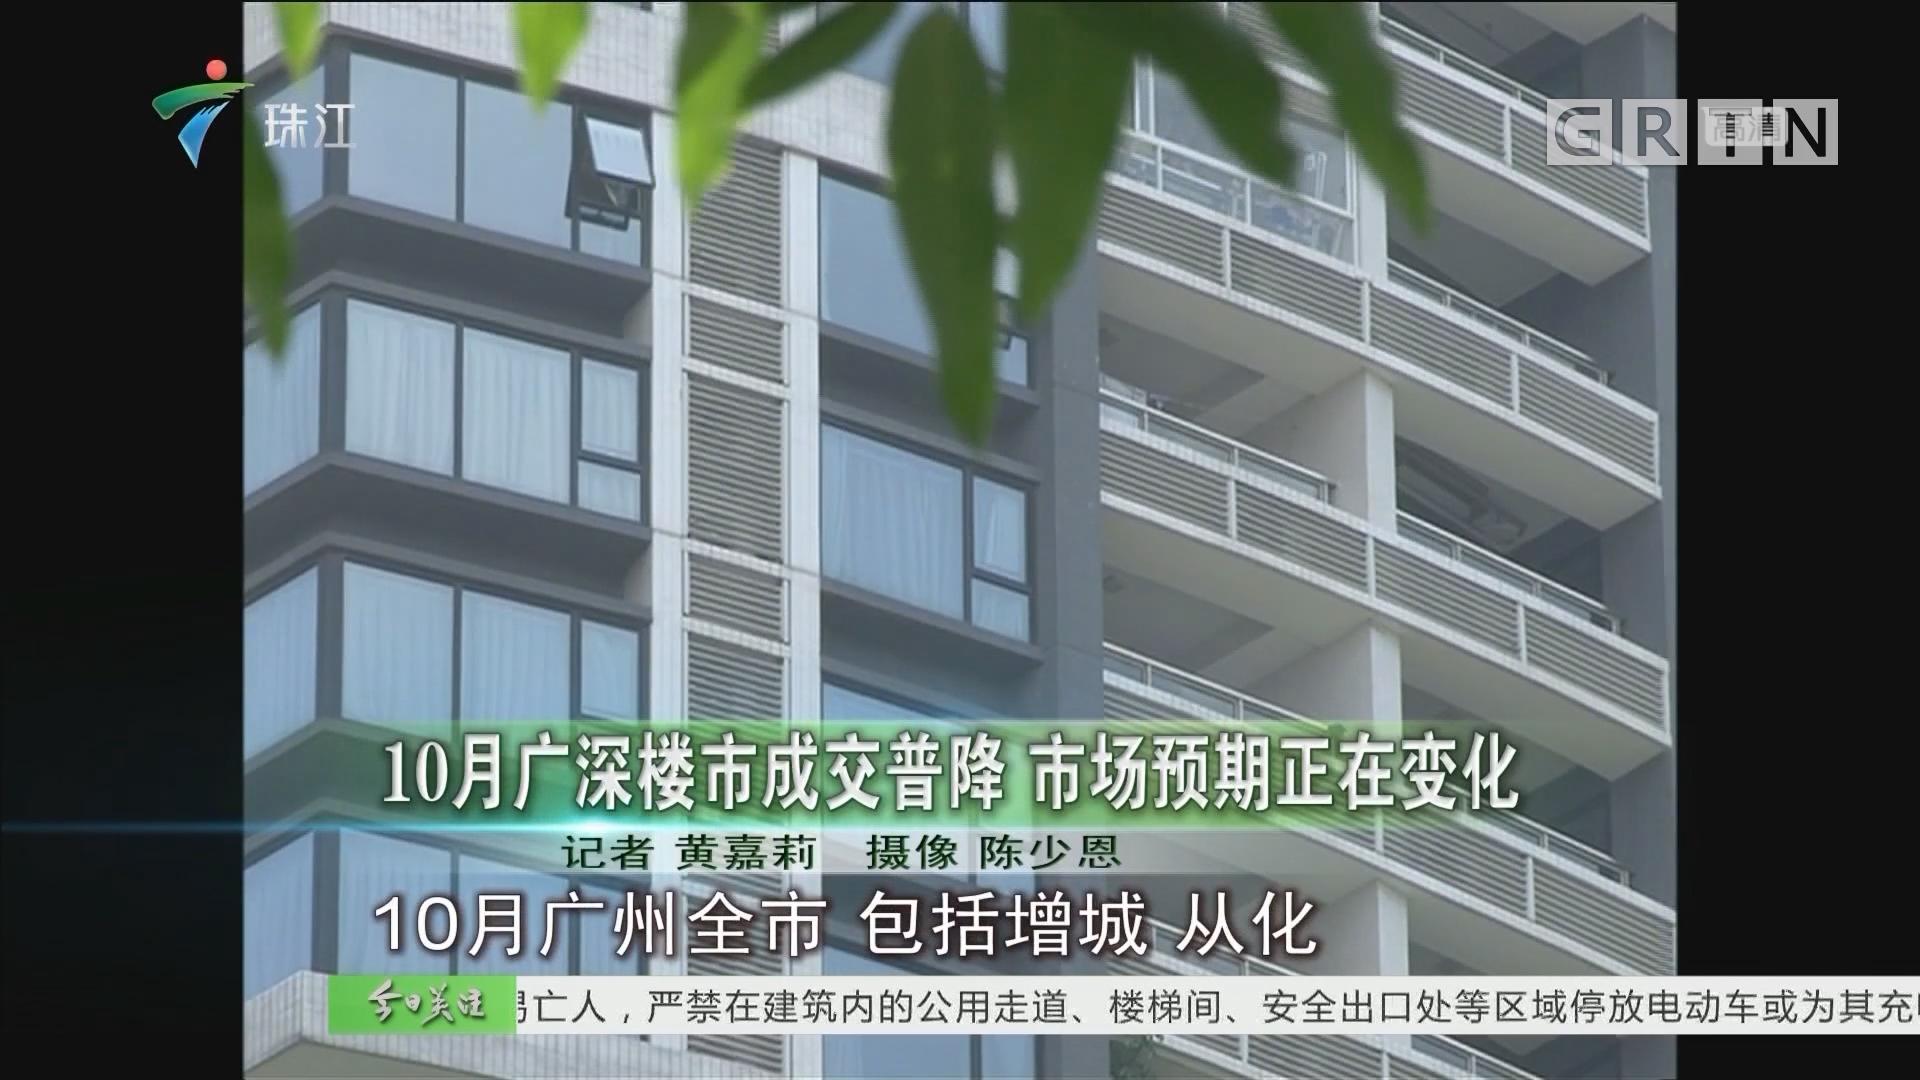 10月广深楼市成交普降 市场预期正在变化